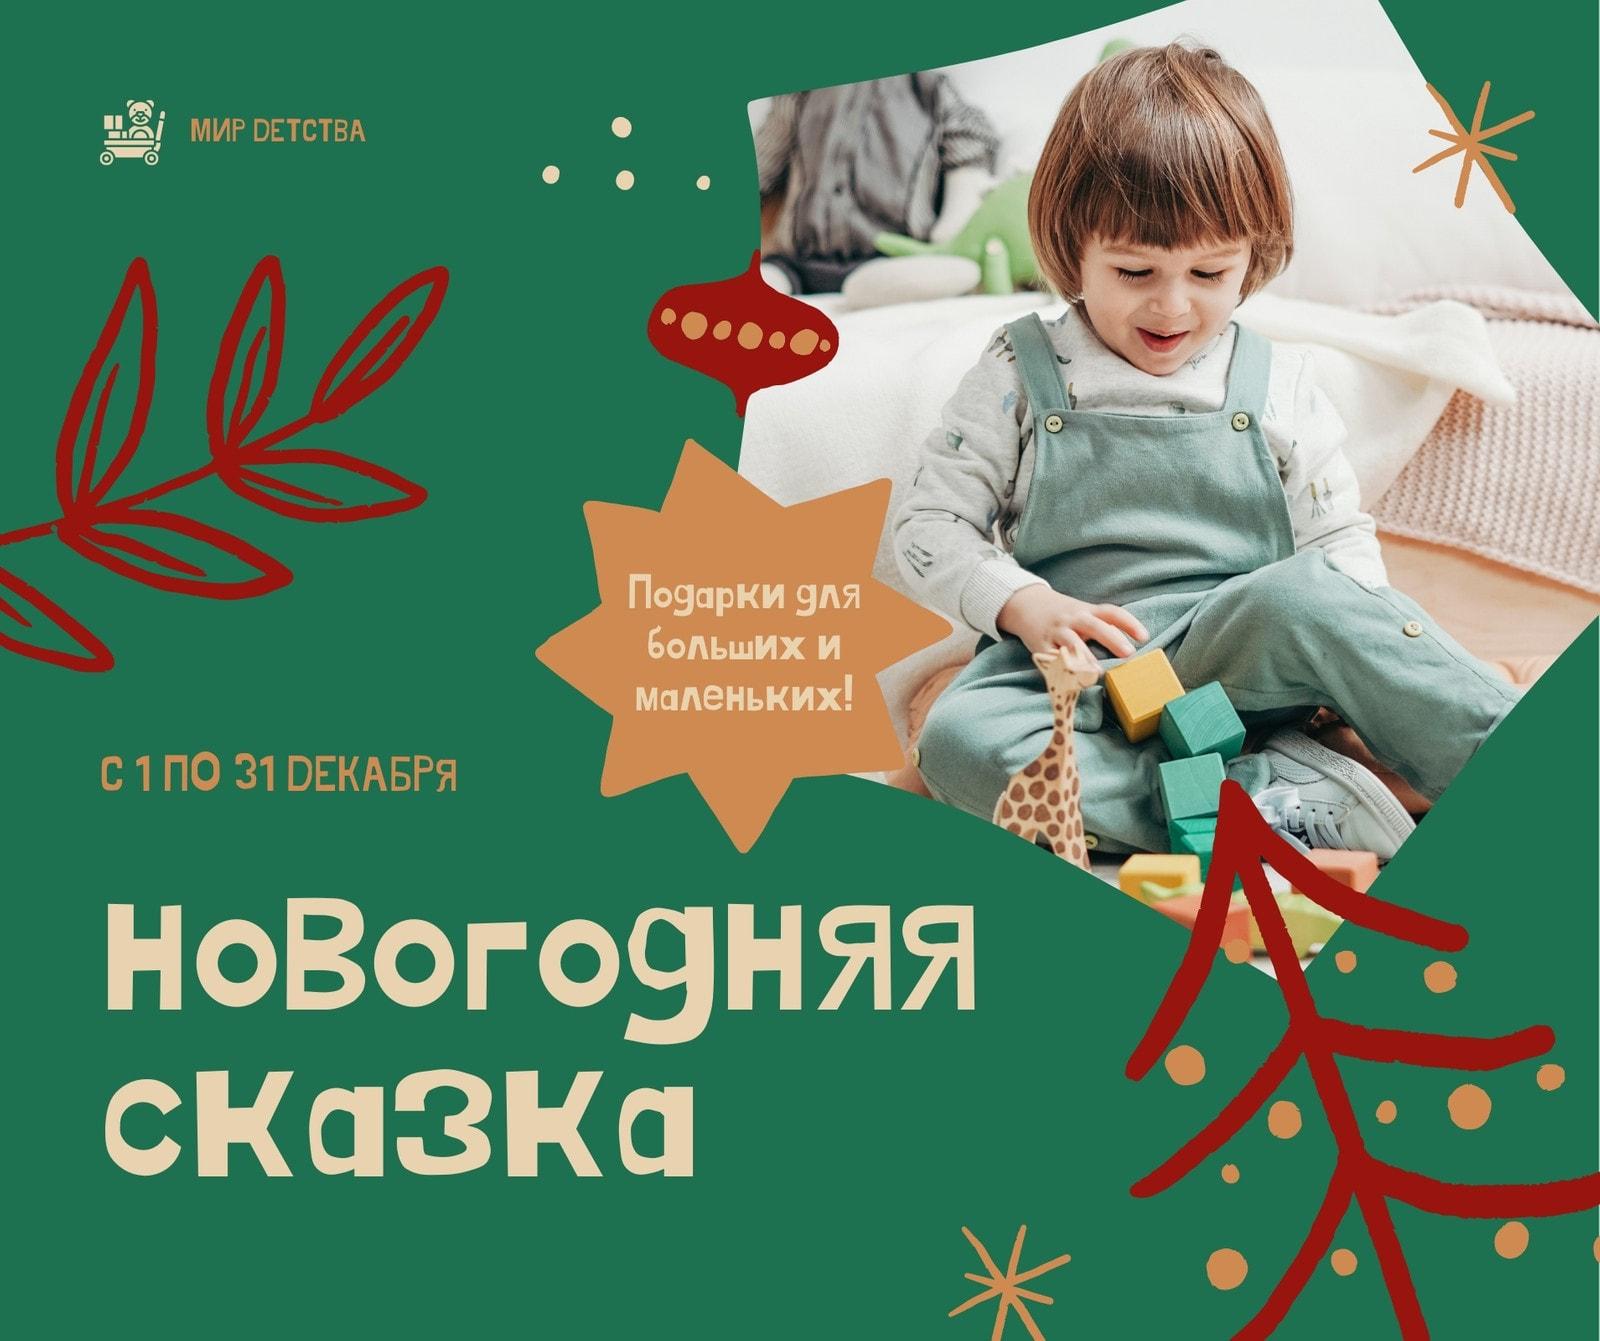 Зеленая новогодняя публикация в Facebook с фото ребенка и красными рисунками